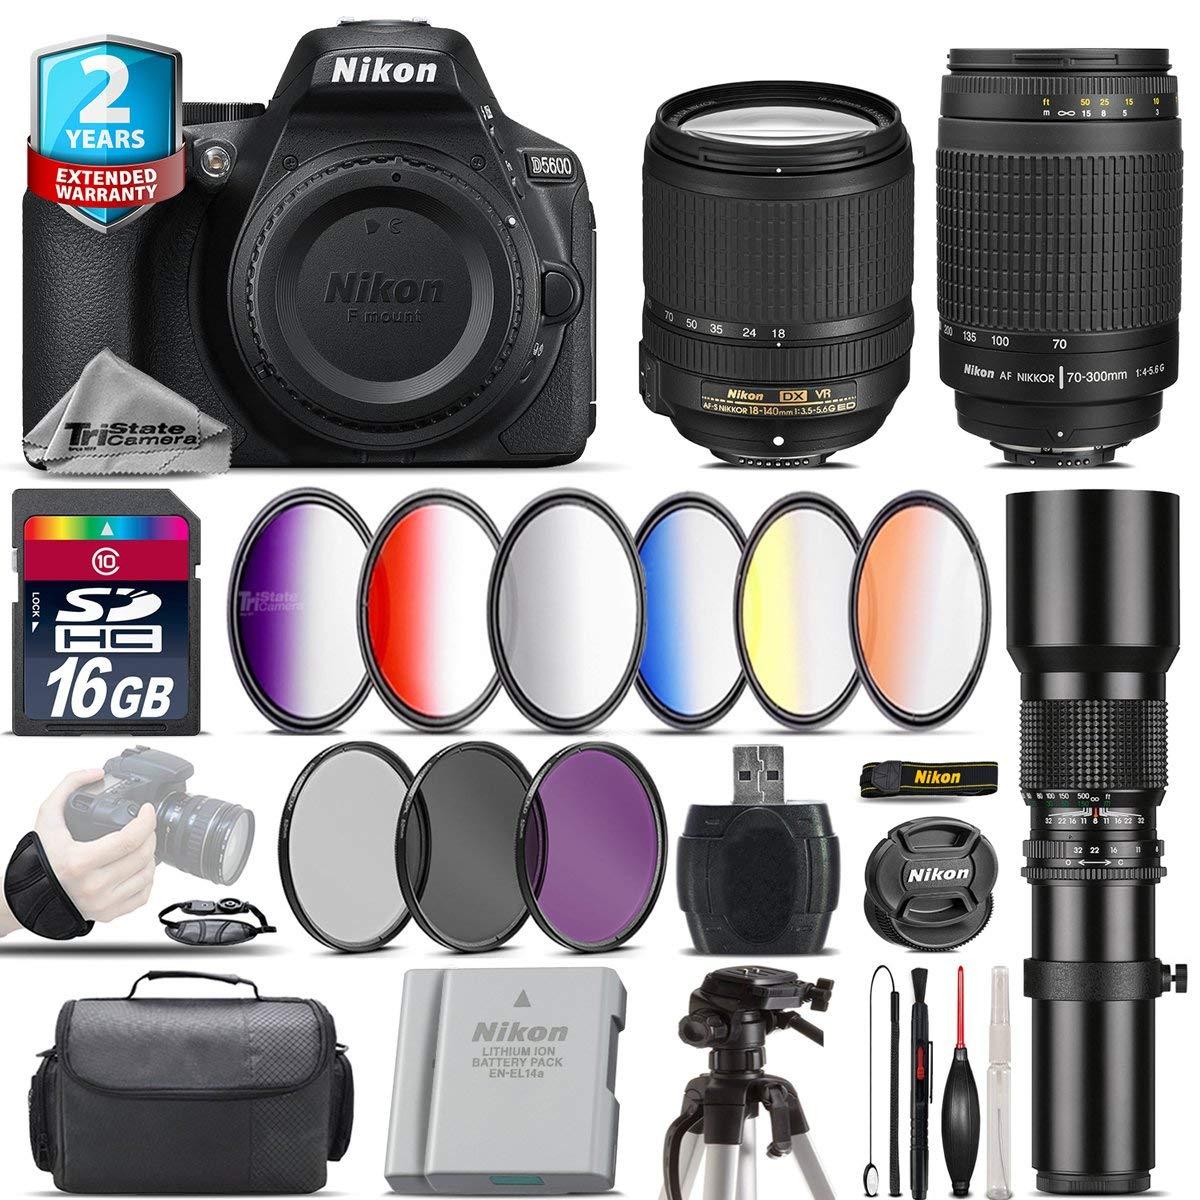 Holiday Saving Bundle for D5600 DSLR Camera + 70-300mm G Lens + 18-140mm VR Lens + 500mm Telephoto Lens + 6PC Graduated Color Filter + 2yr Extended Warranty + Backup Battery - International Version